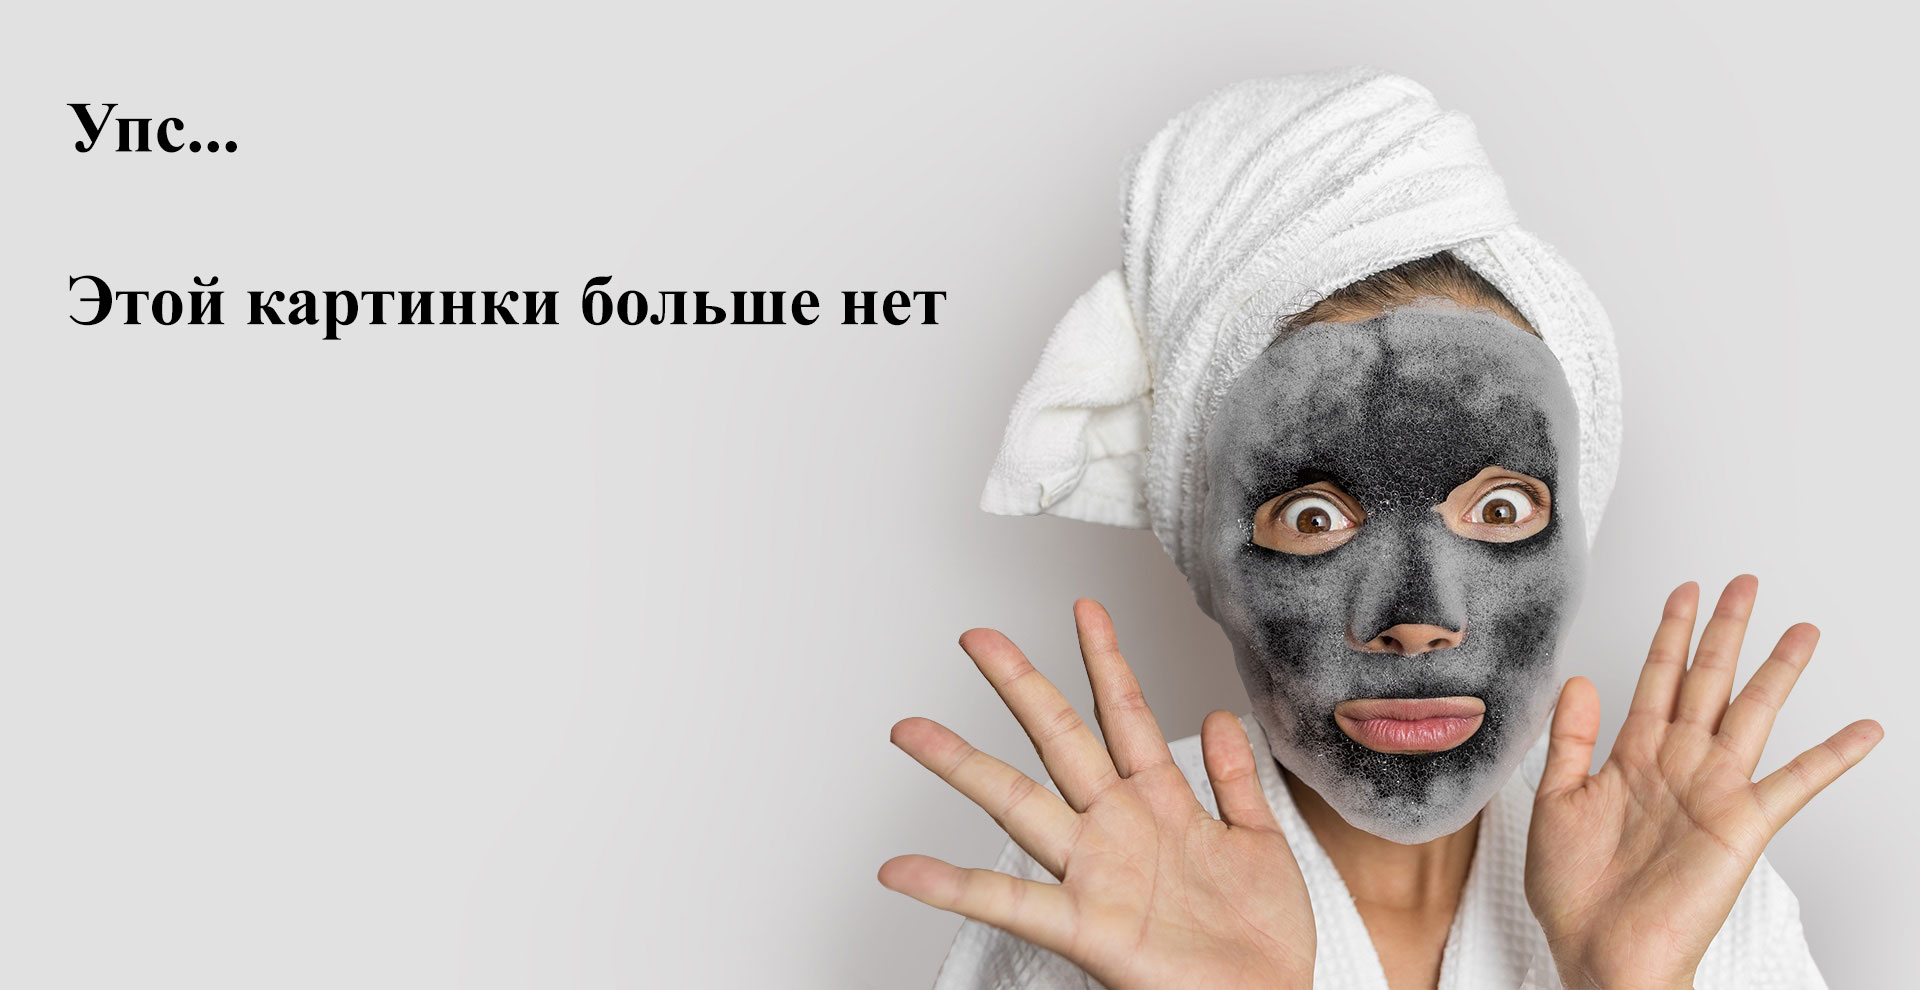 IRISK, Хна для биотатуажа бровей Eva Bond Beauty Collection, черный, 4 г